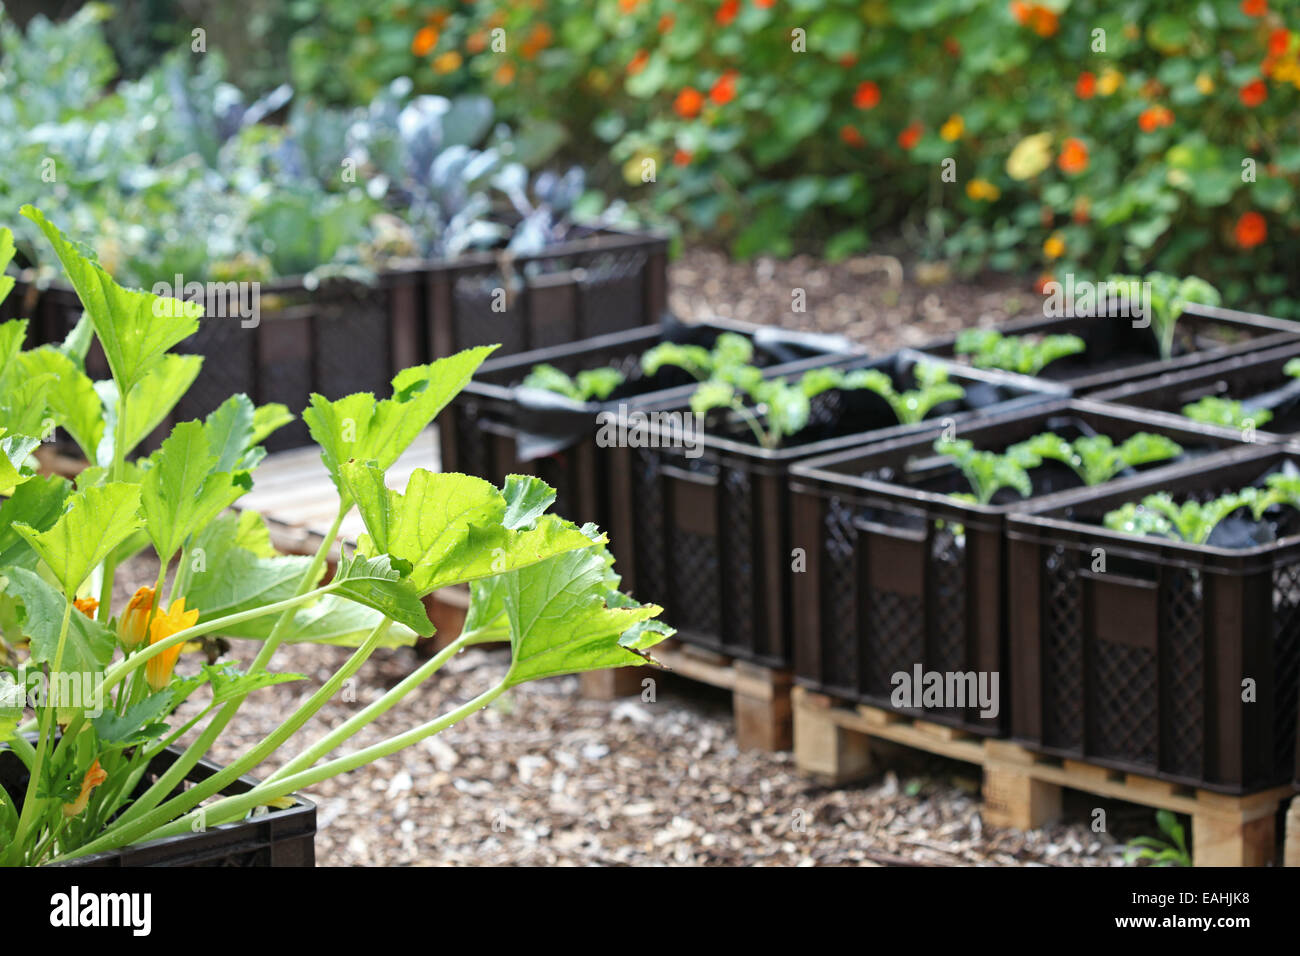 Rizado el calabacín, la col rizada y otras verduras cultivadas en planta de cajas en un proyecto de horticultura Foto de stock